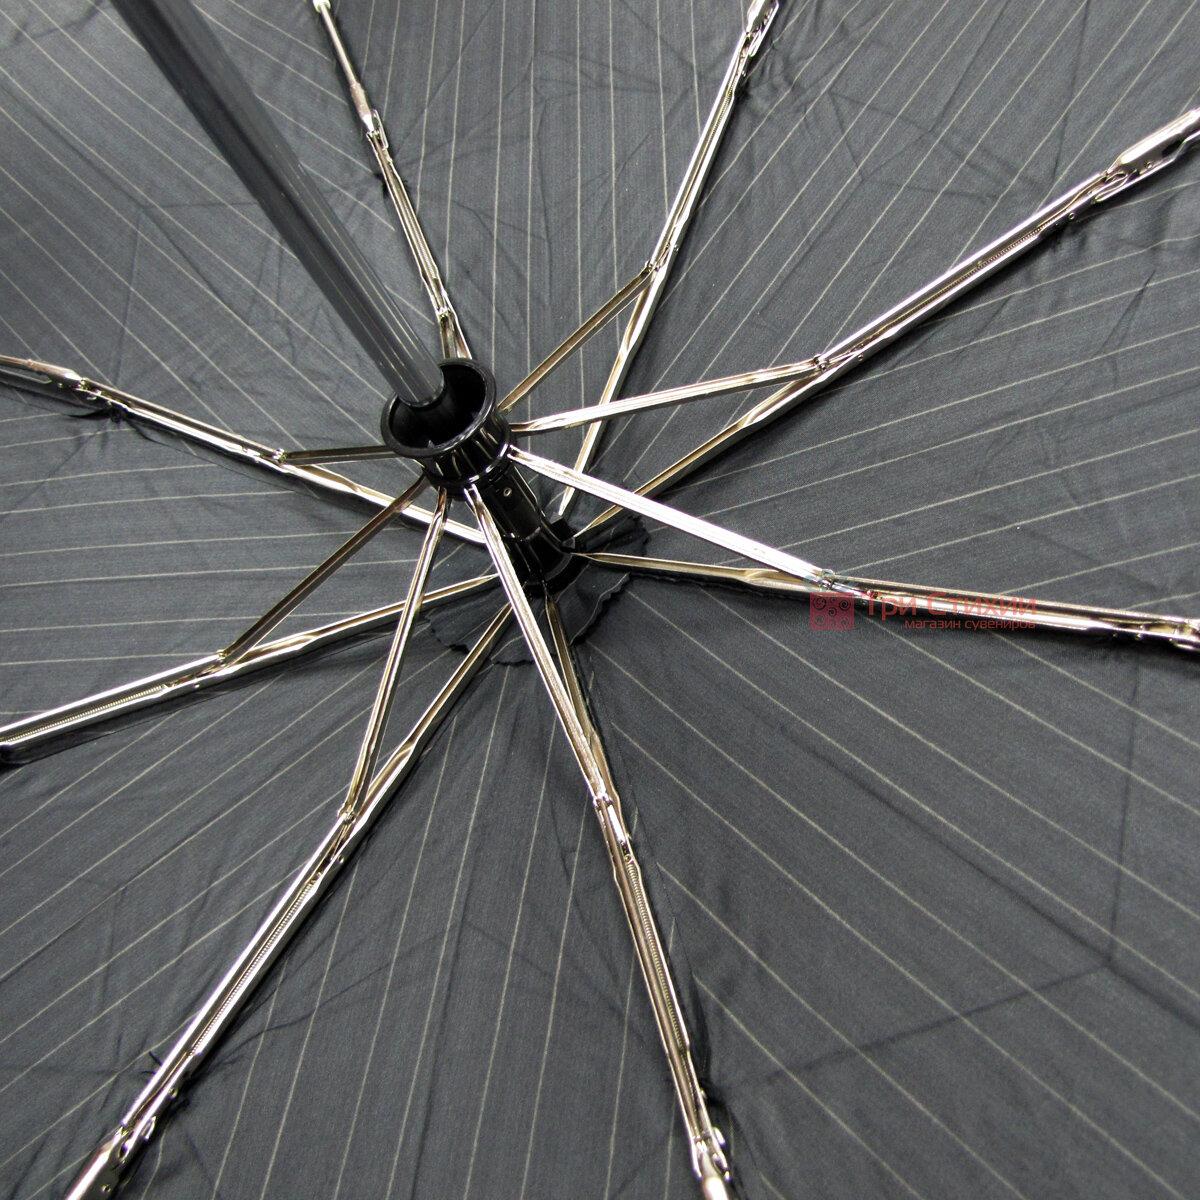 Зонт складной Doppler 74667G-3 полный автомат Узкая полоска, фото 3